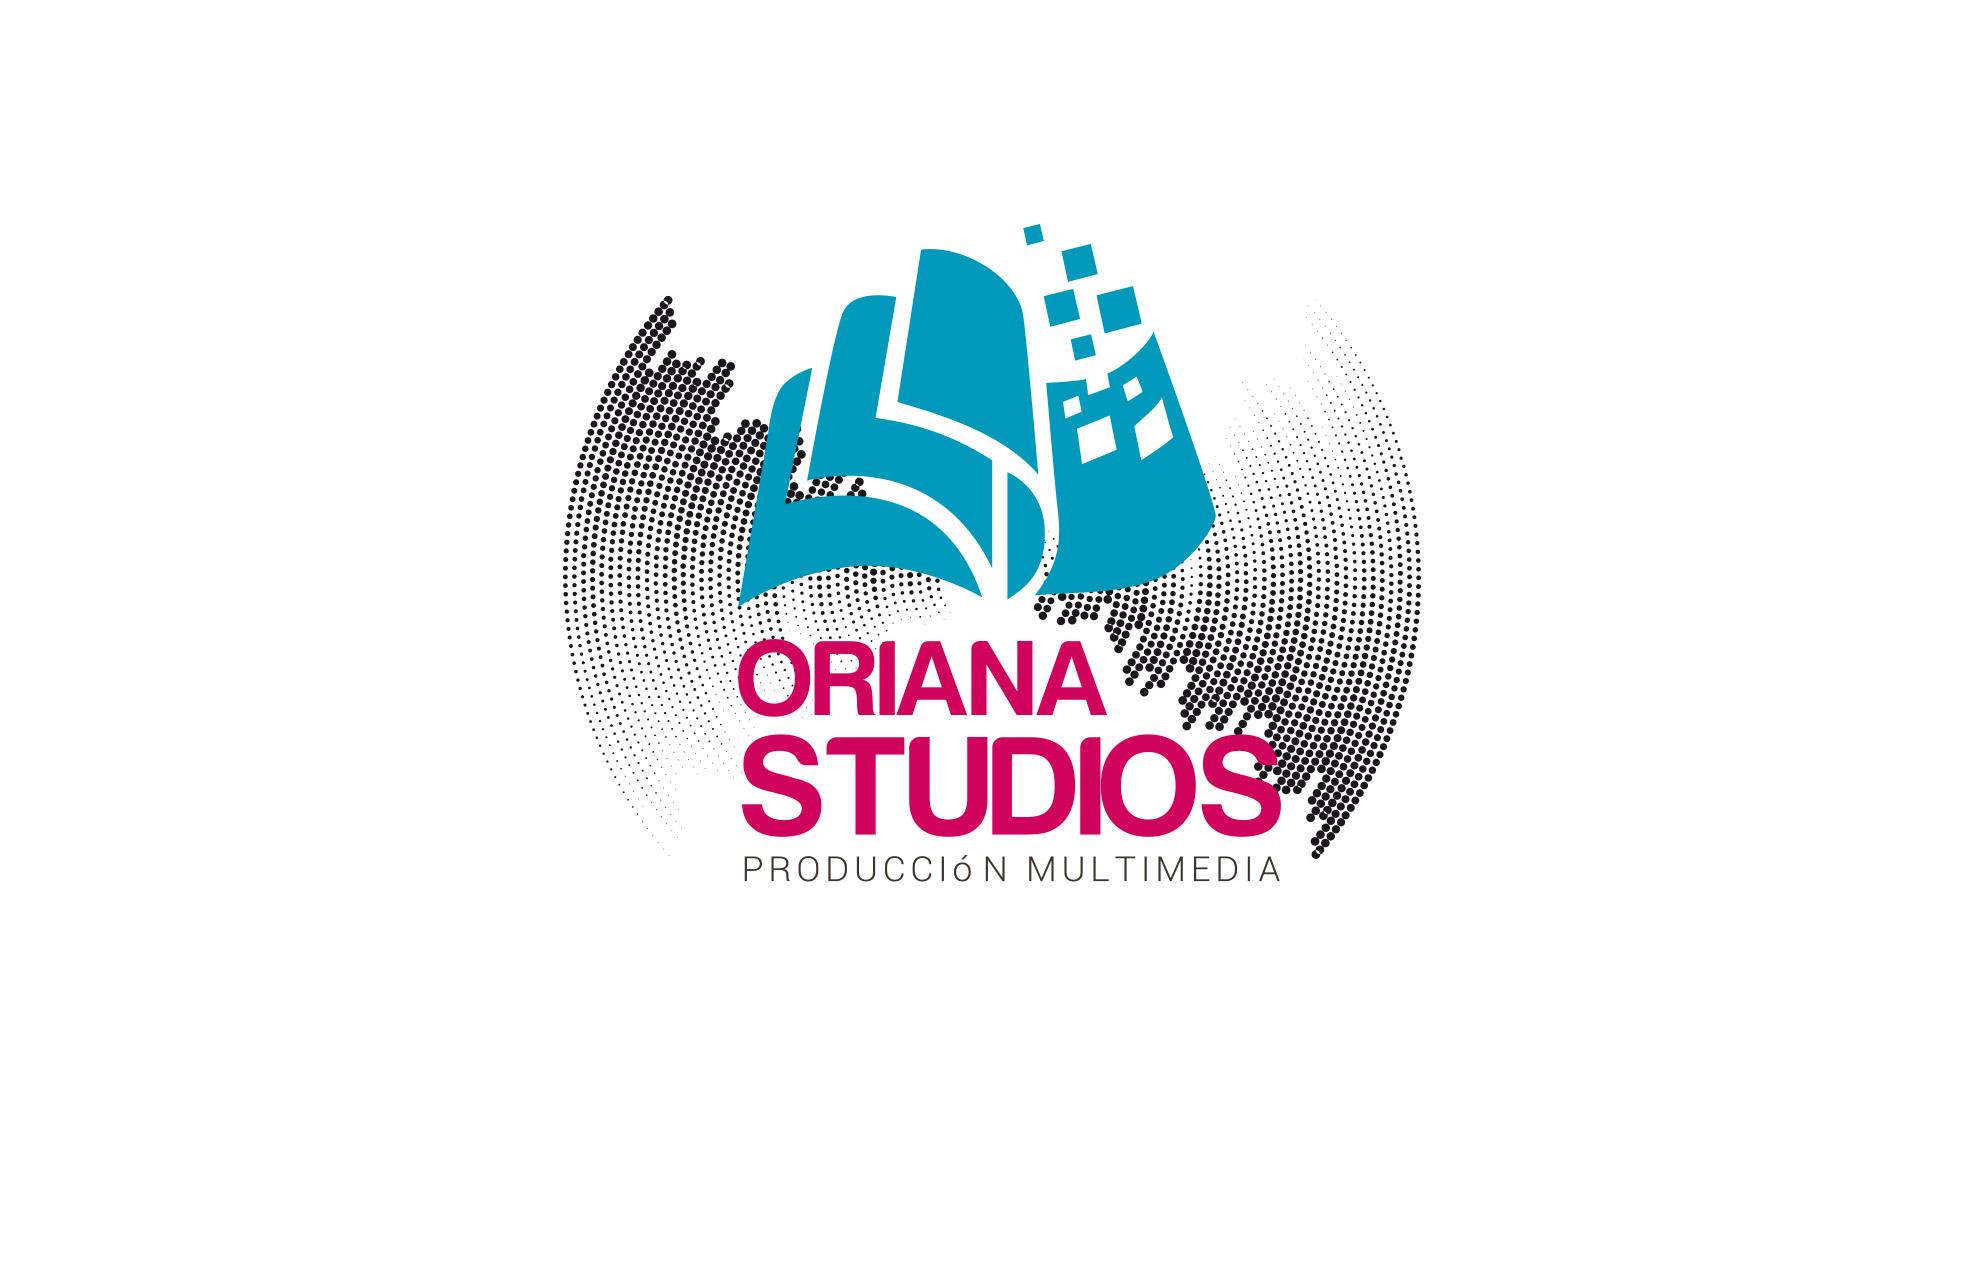 oriana_estudios-produccion_multimedia-producto